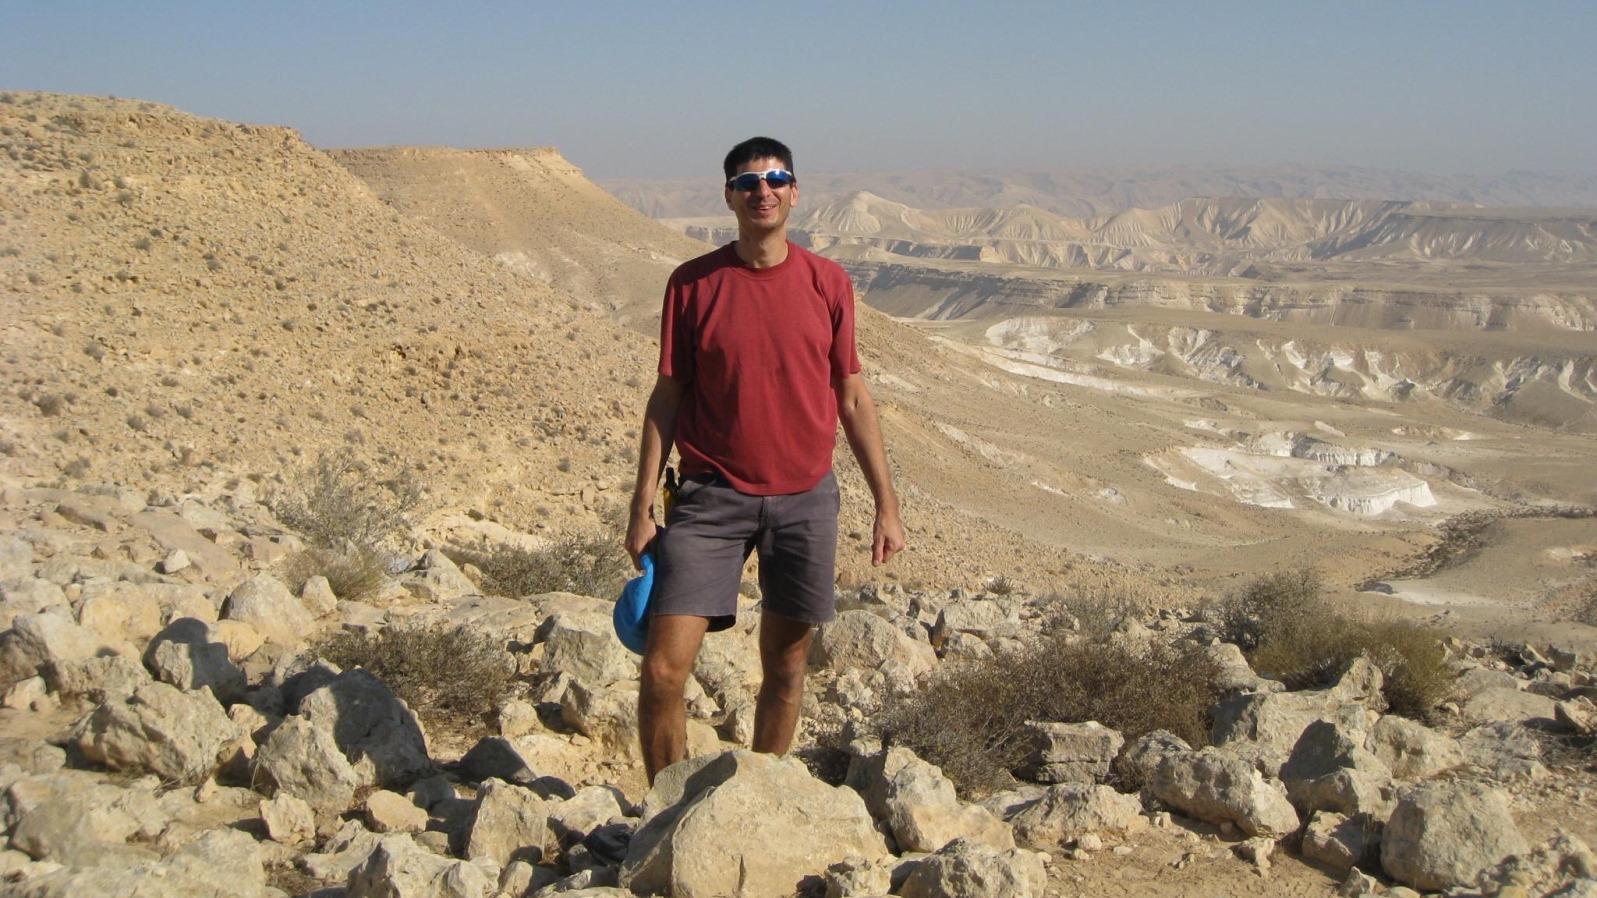 Eine neue Website für Wanderer in Israel